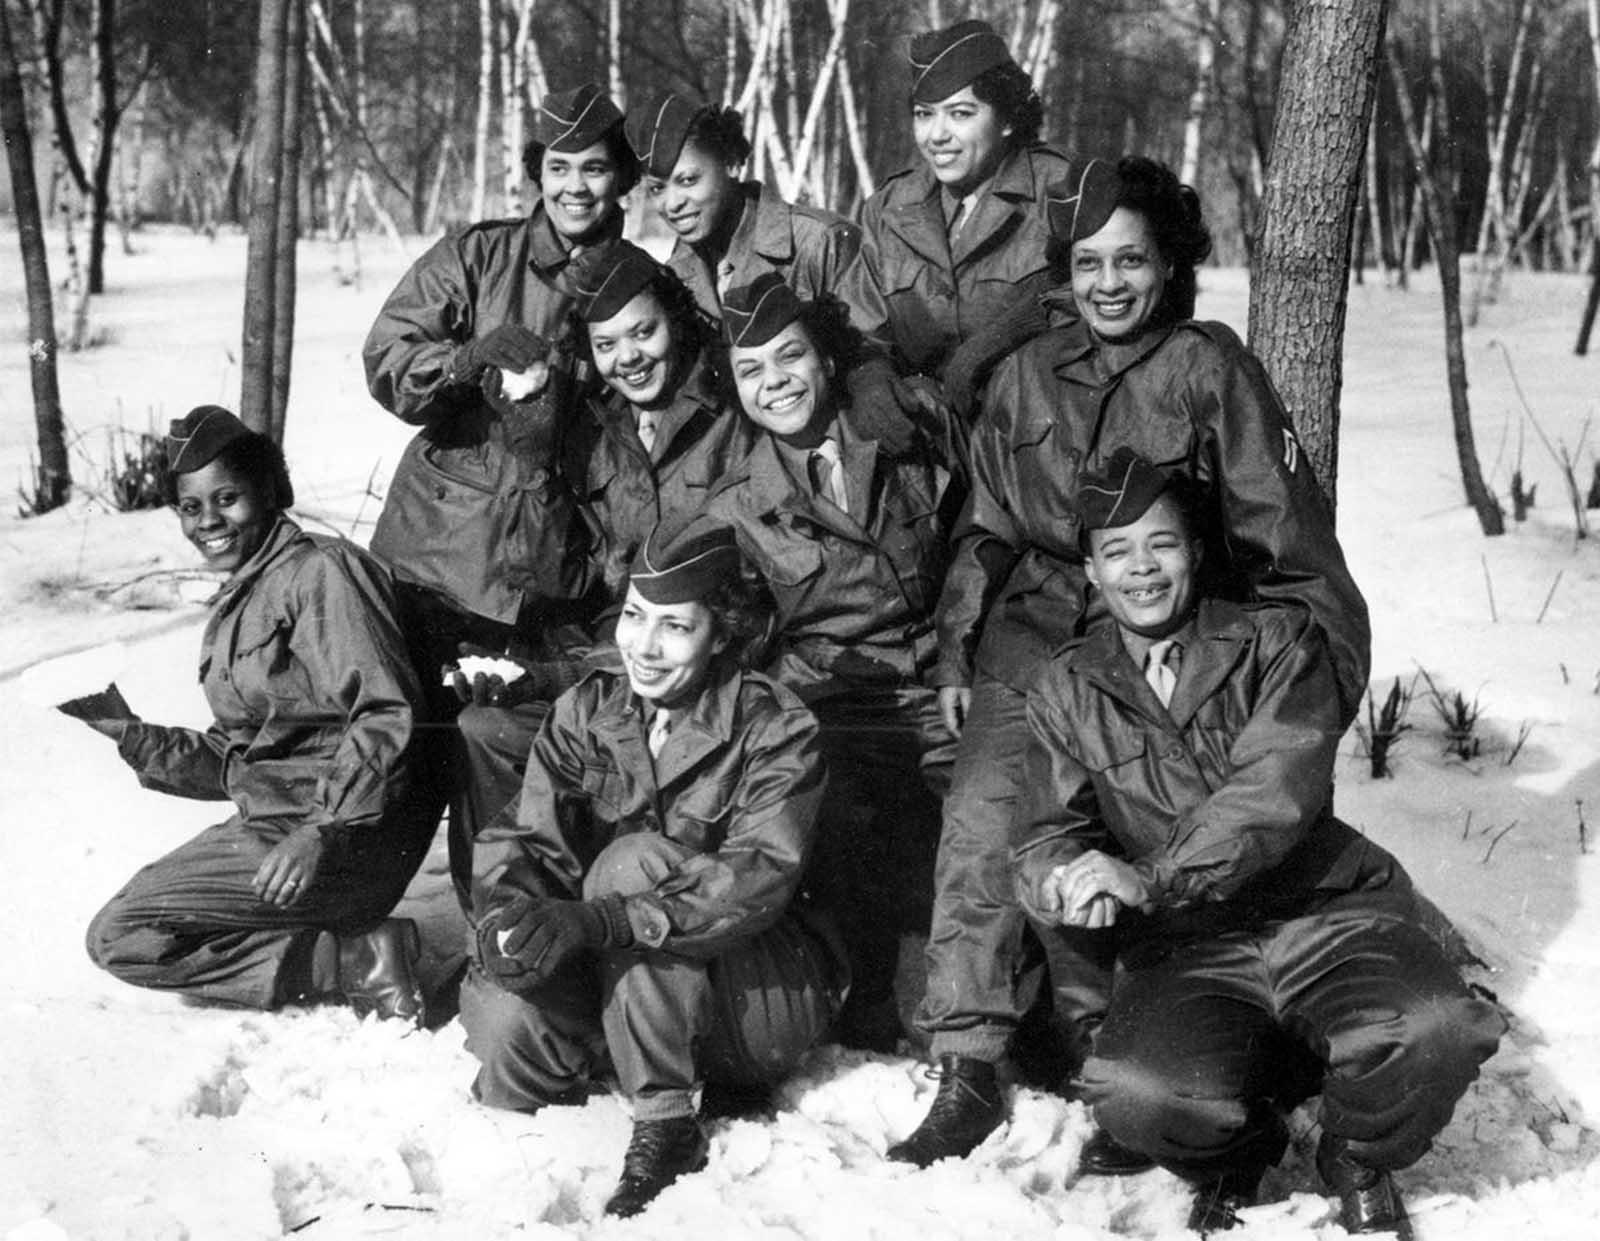 2 февруари 1945 г.: Жени военни застават за снимка преди да тръгнат на мисия